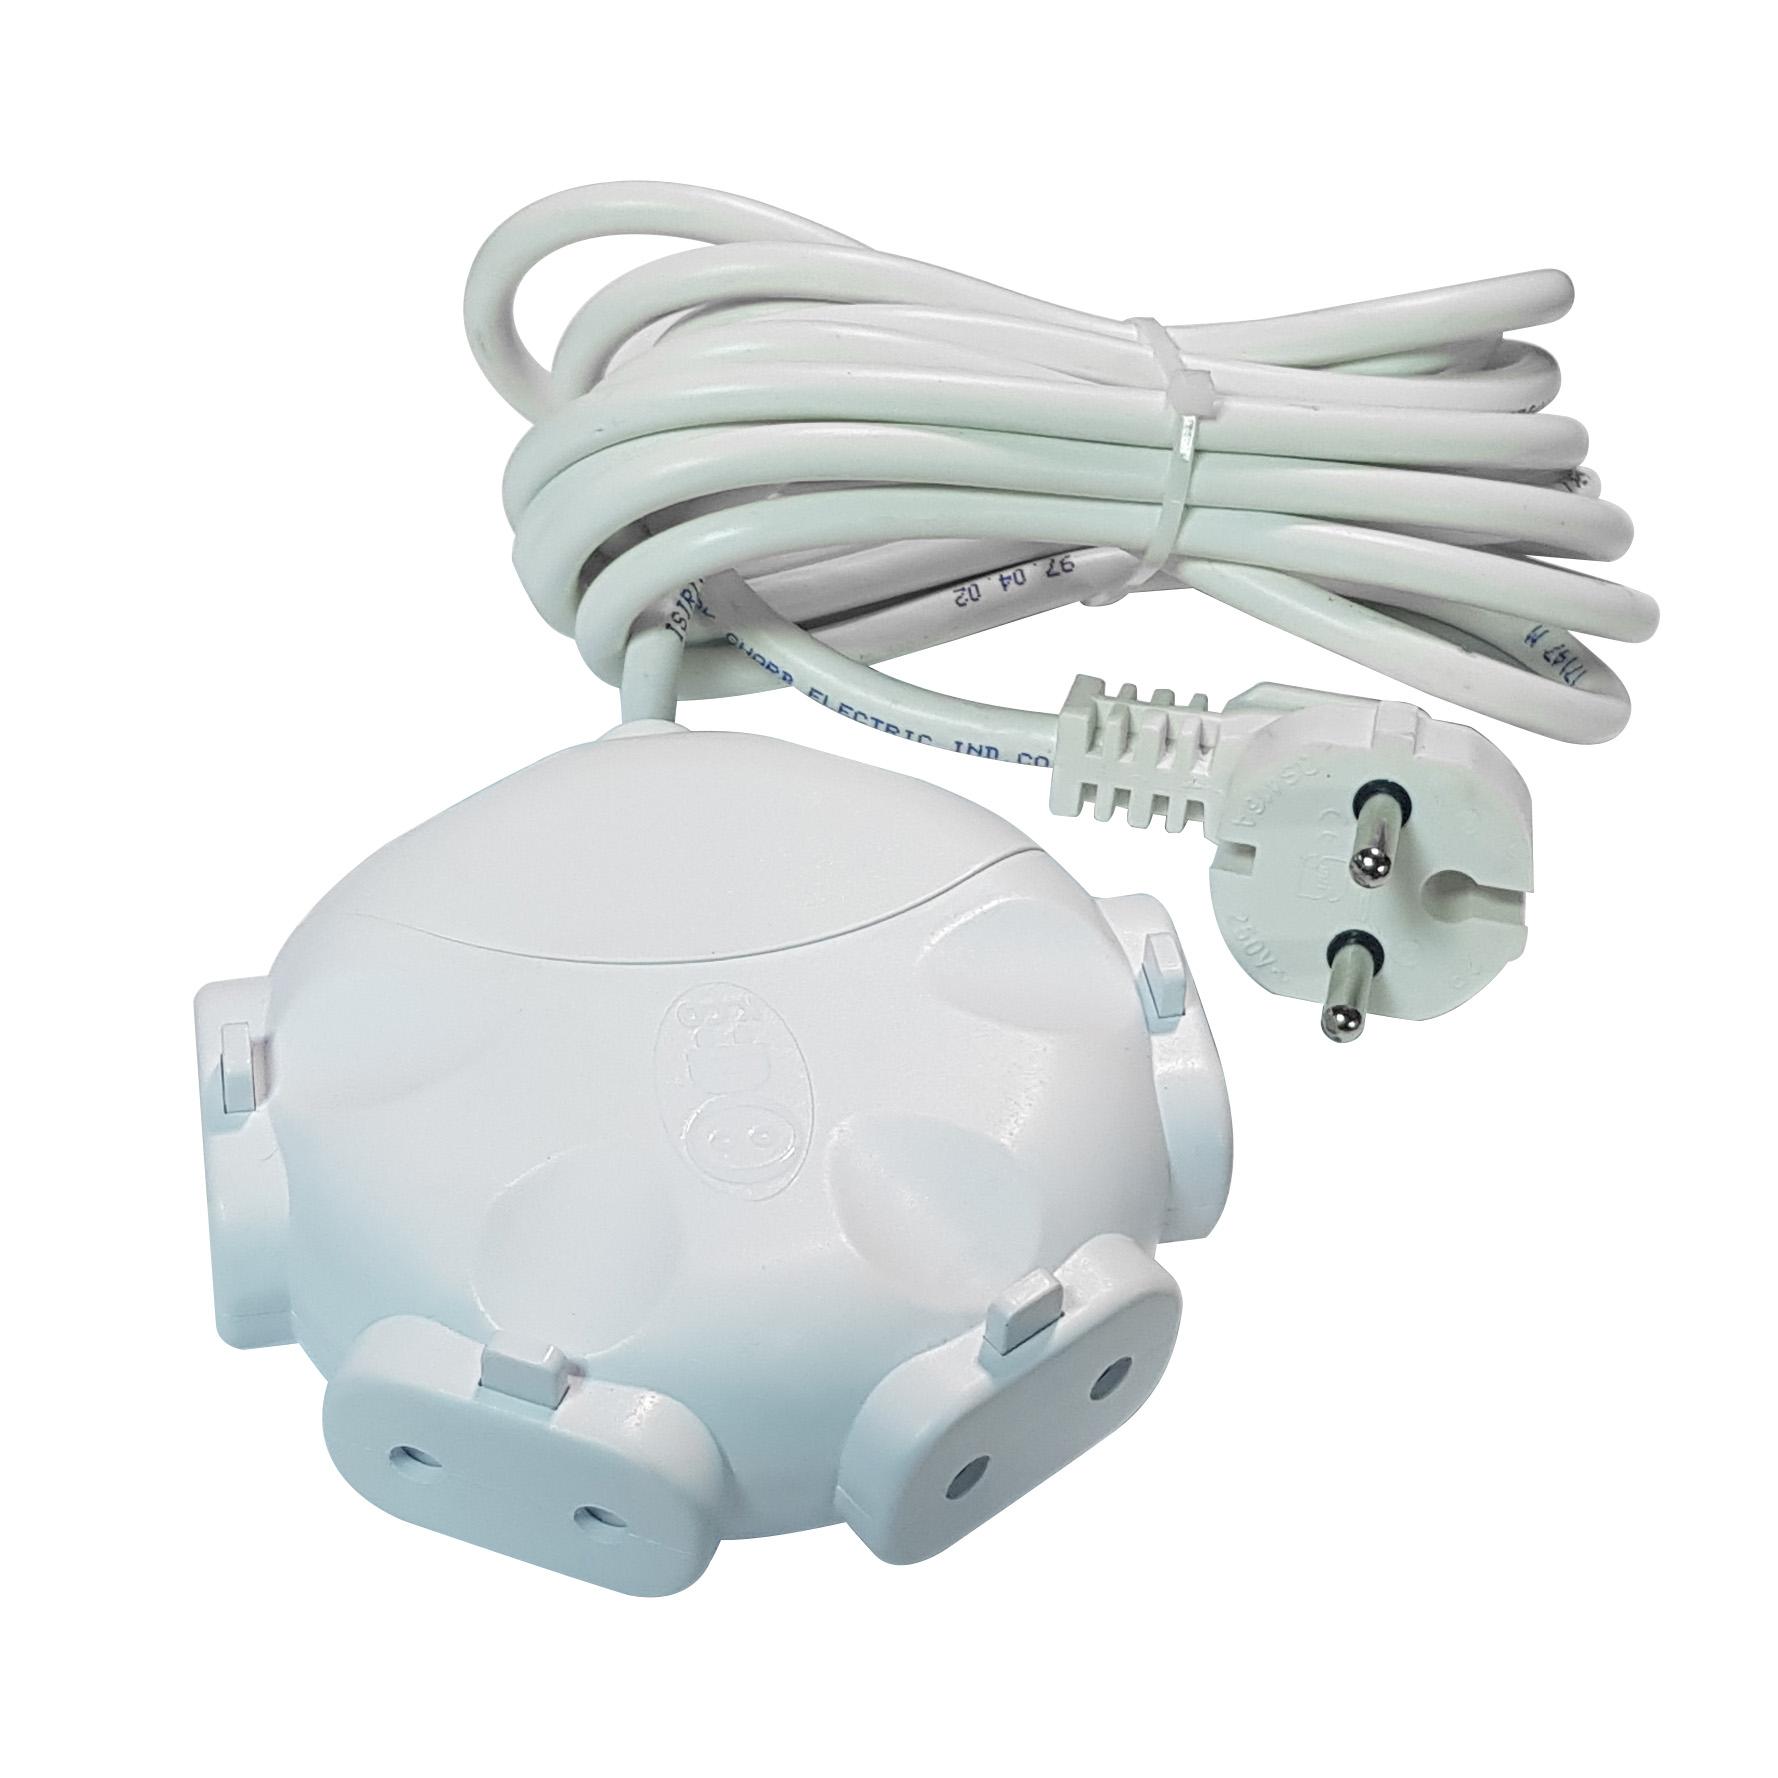 خرید اینترنتی چندراهی برق کوثرالکتریک مدل PE2-7 اورجینال